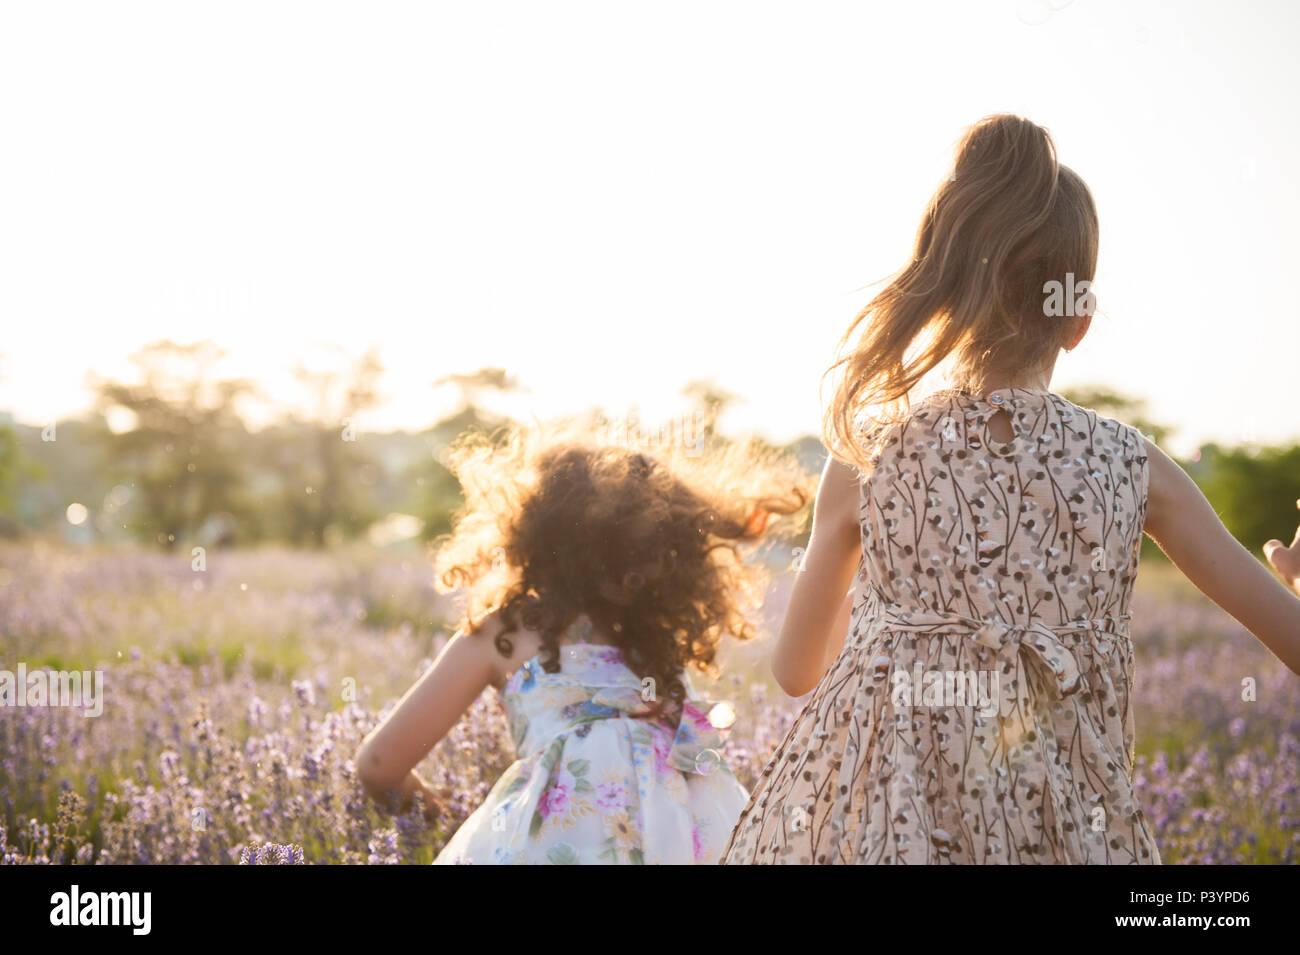 Zwei verspielten kleinen Mädchen in den Kleidern unter Lavendelfeld spielen Seifenblasen Stockbild